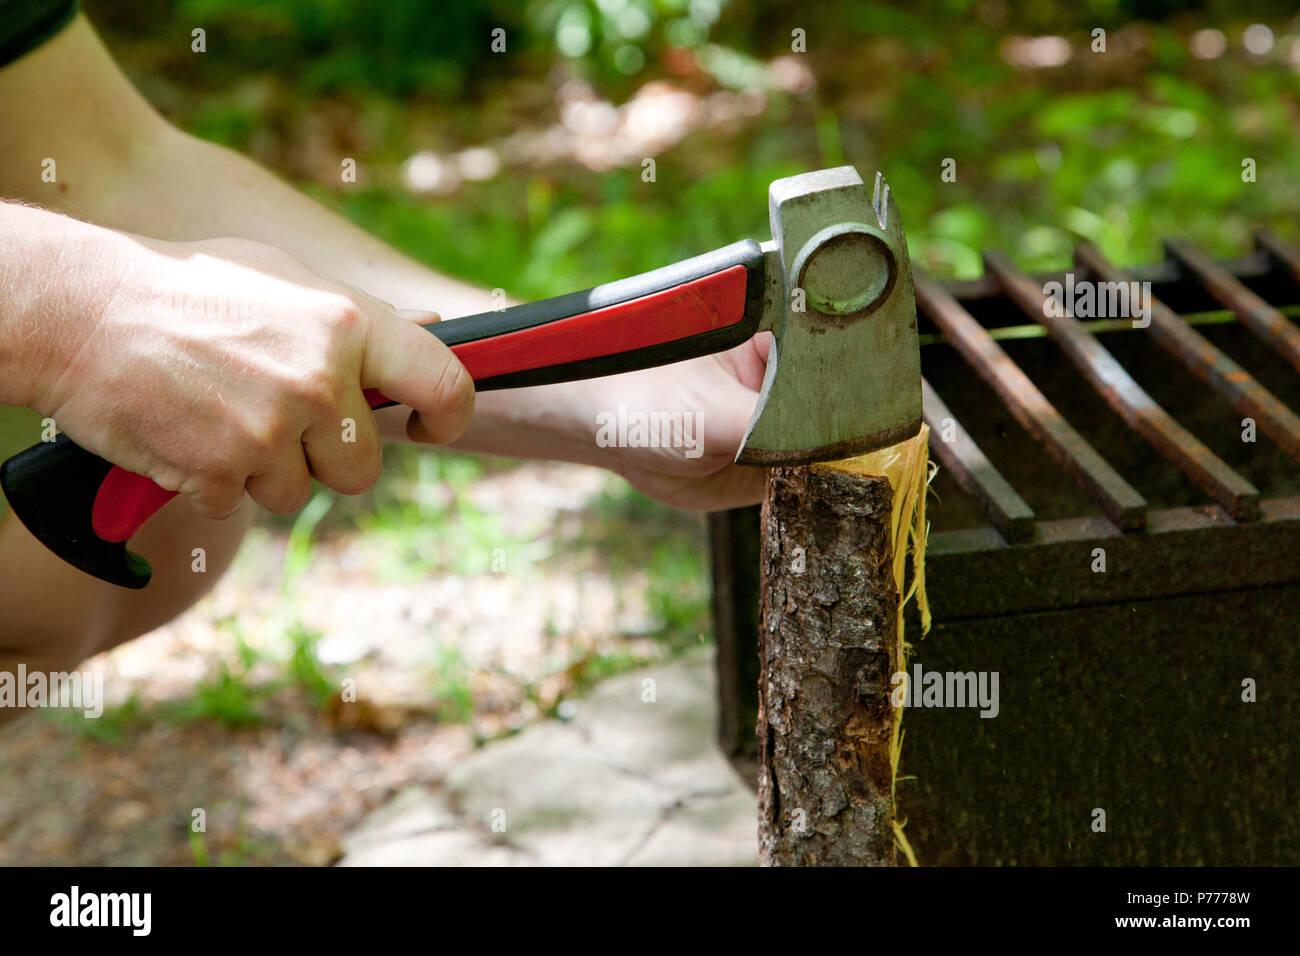 Personne crouching avec bois de chauffage Bois de fractionnement Photo Stock